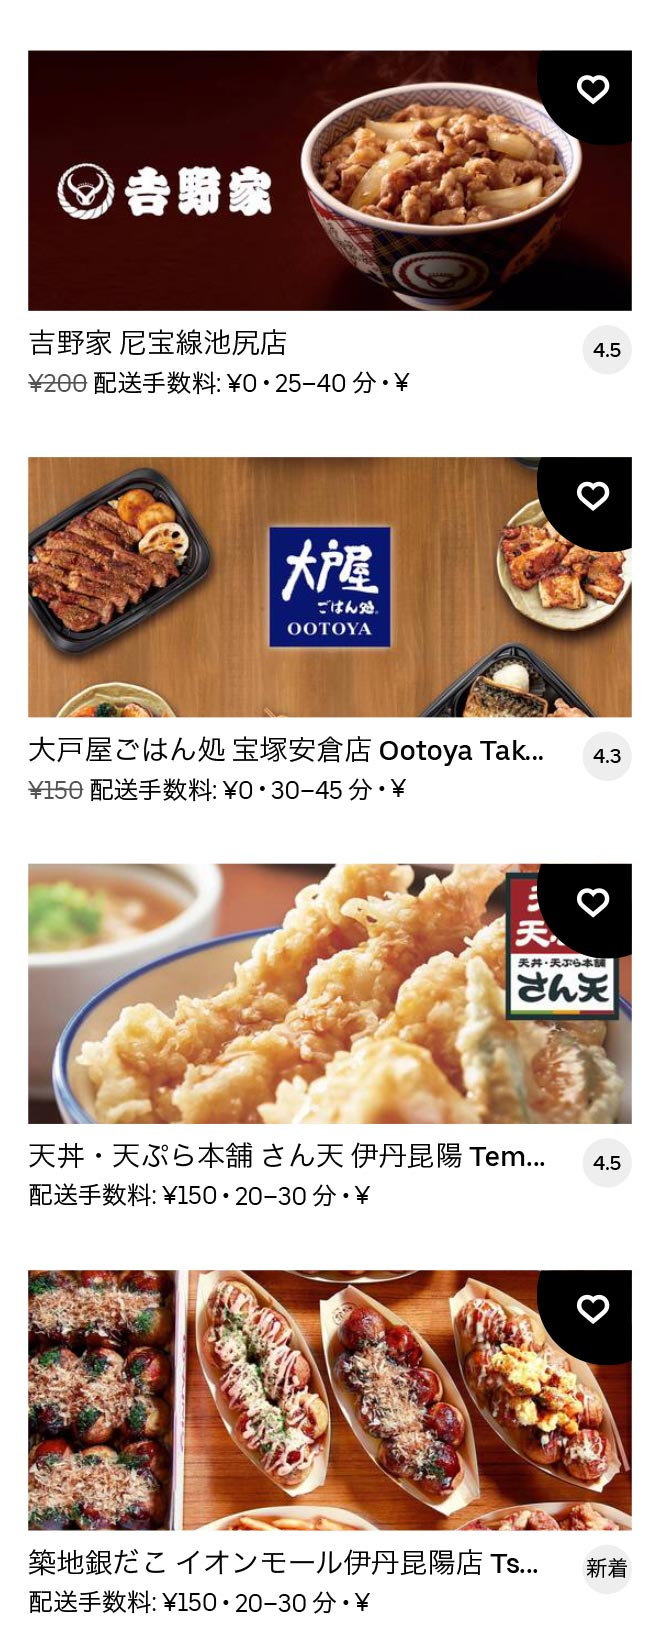 Itami nakano menu 2011 02